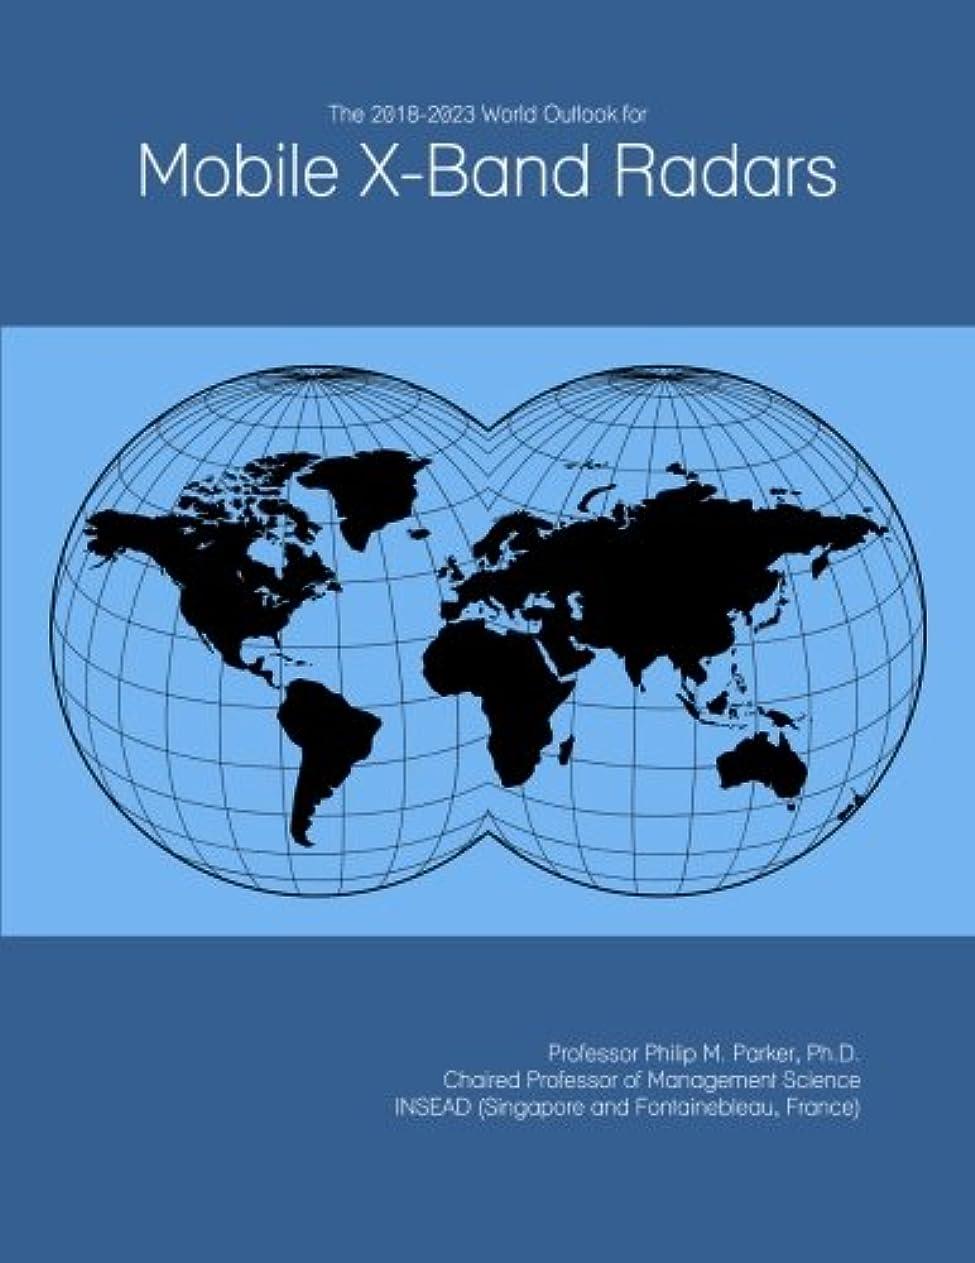 ネットずらす驚きThe 2018-2023 World Outlook for Mobile X-Band Radars